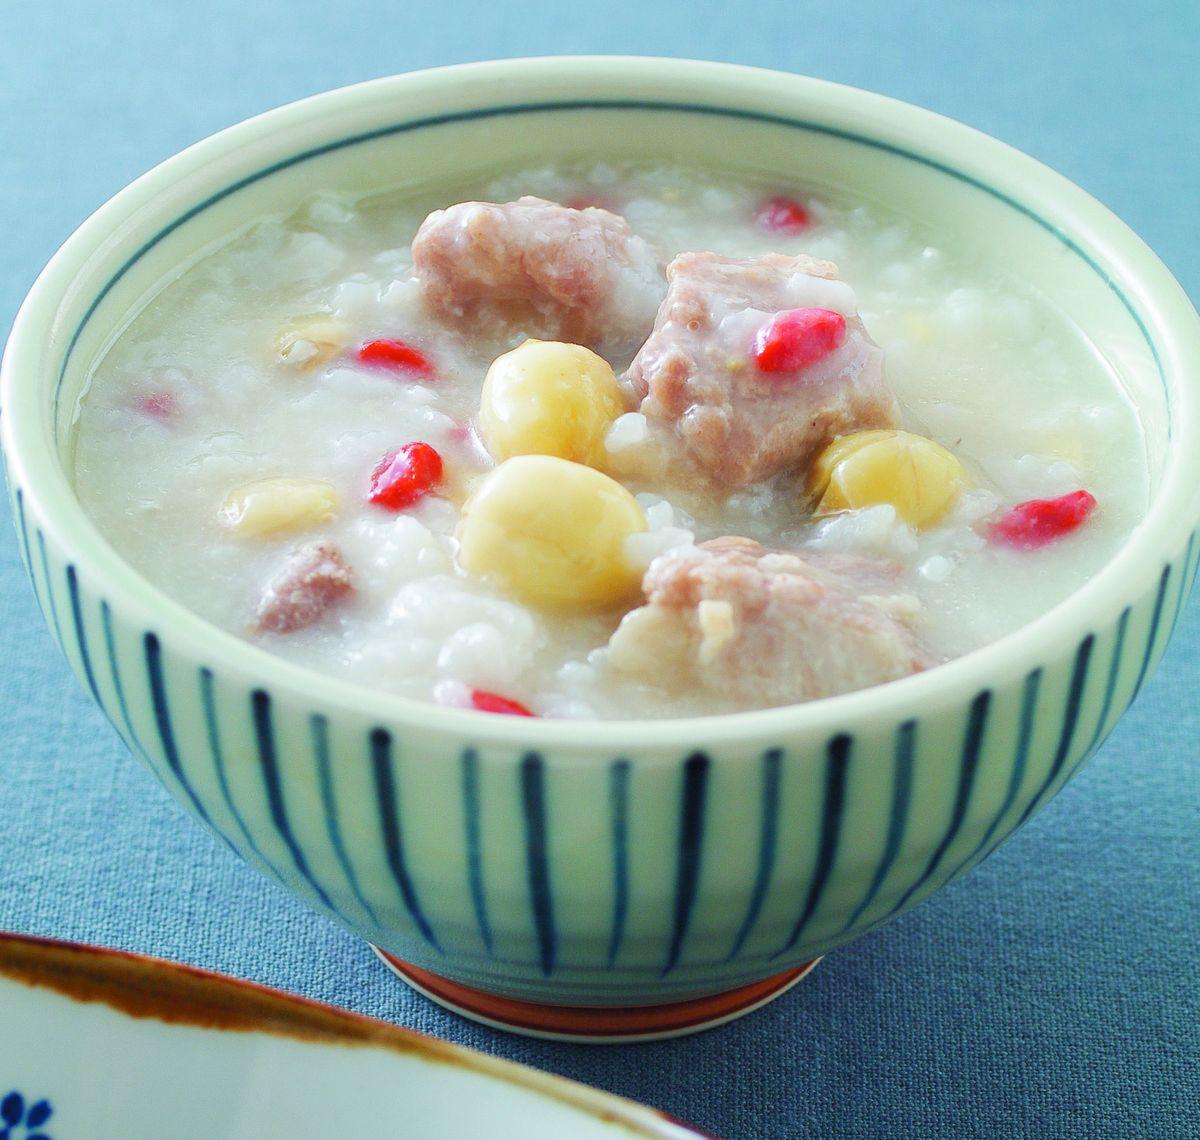 食譜:蓮子排骨粥